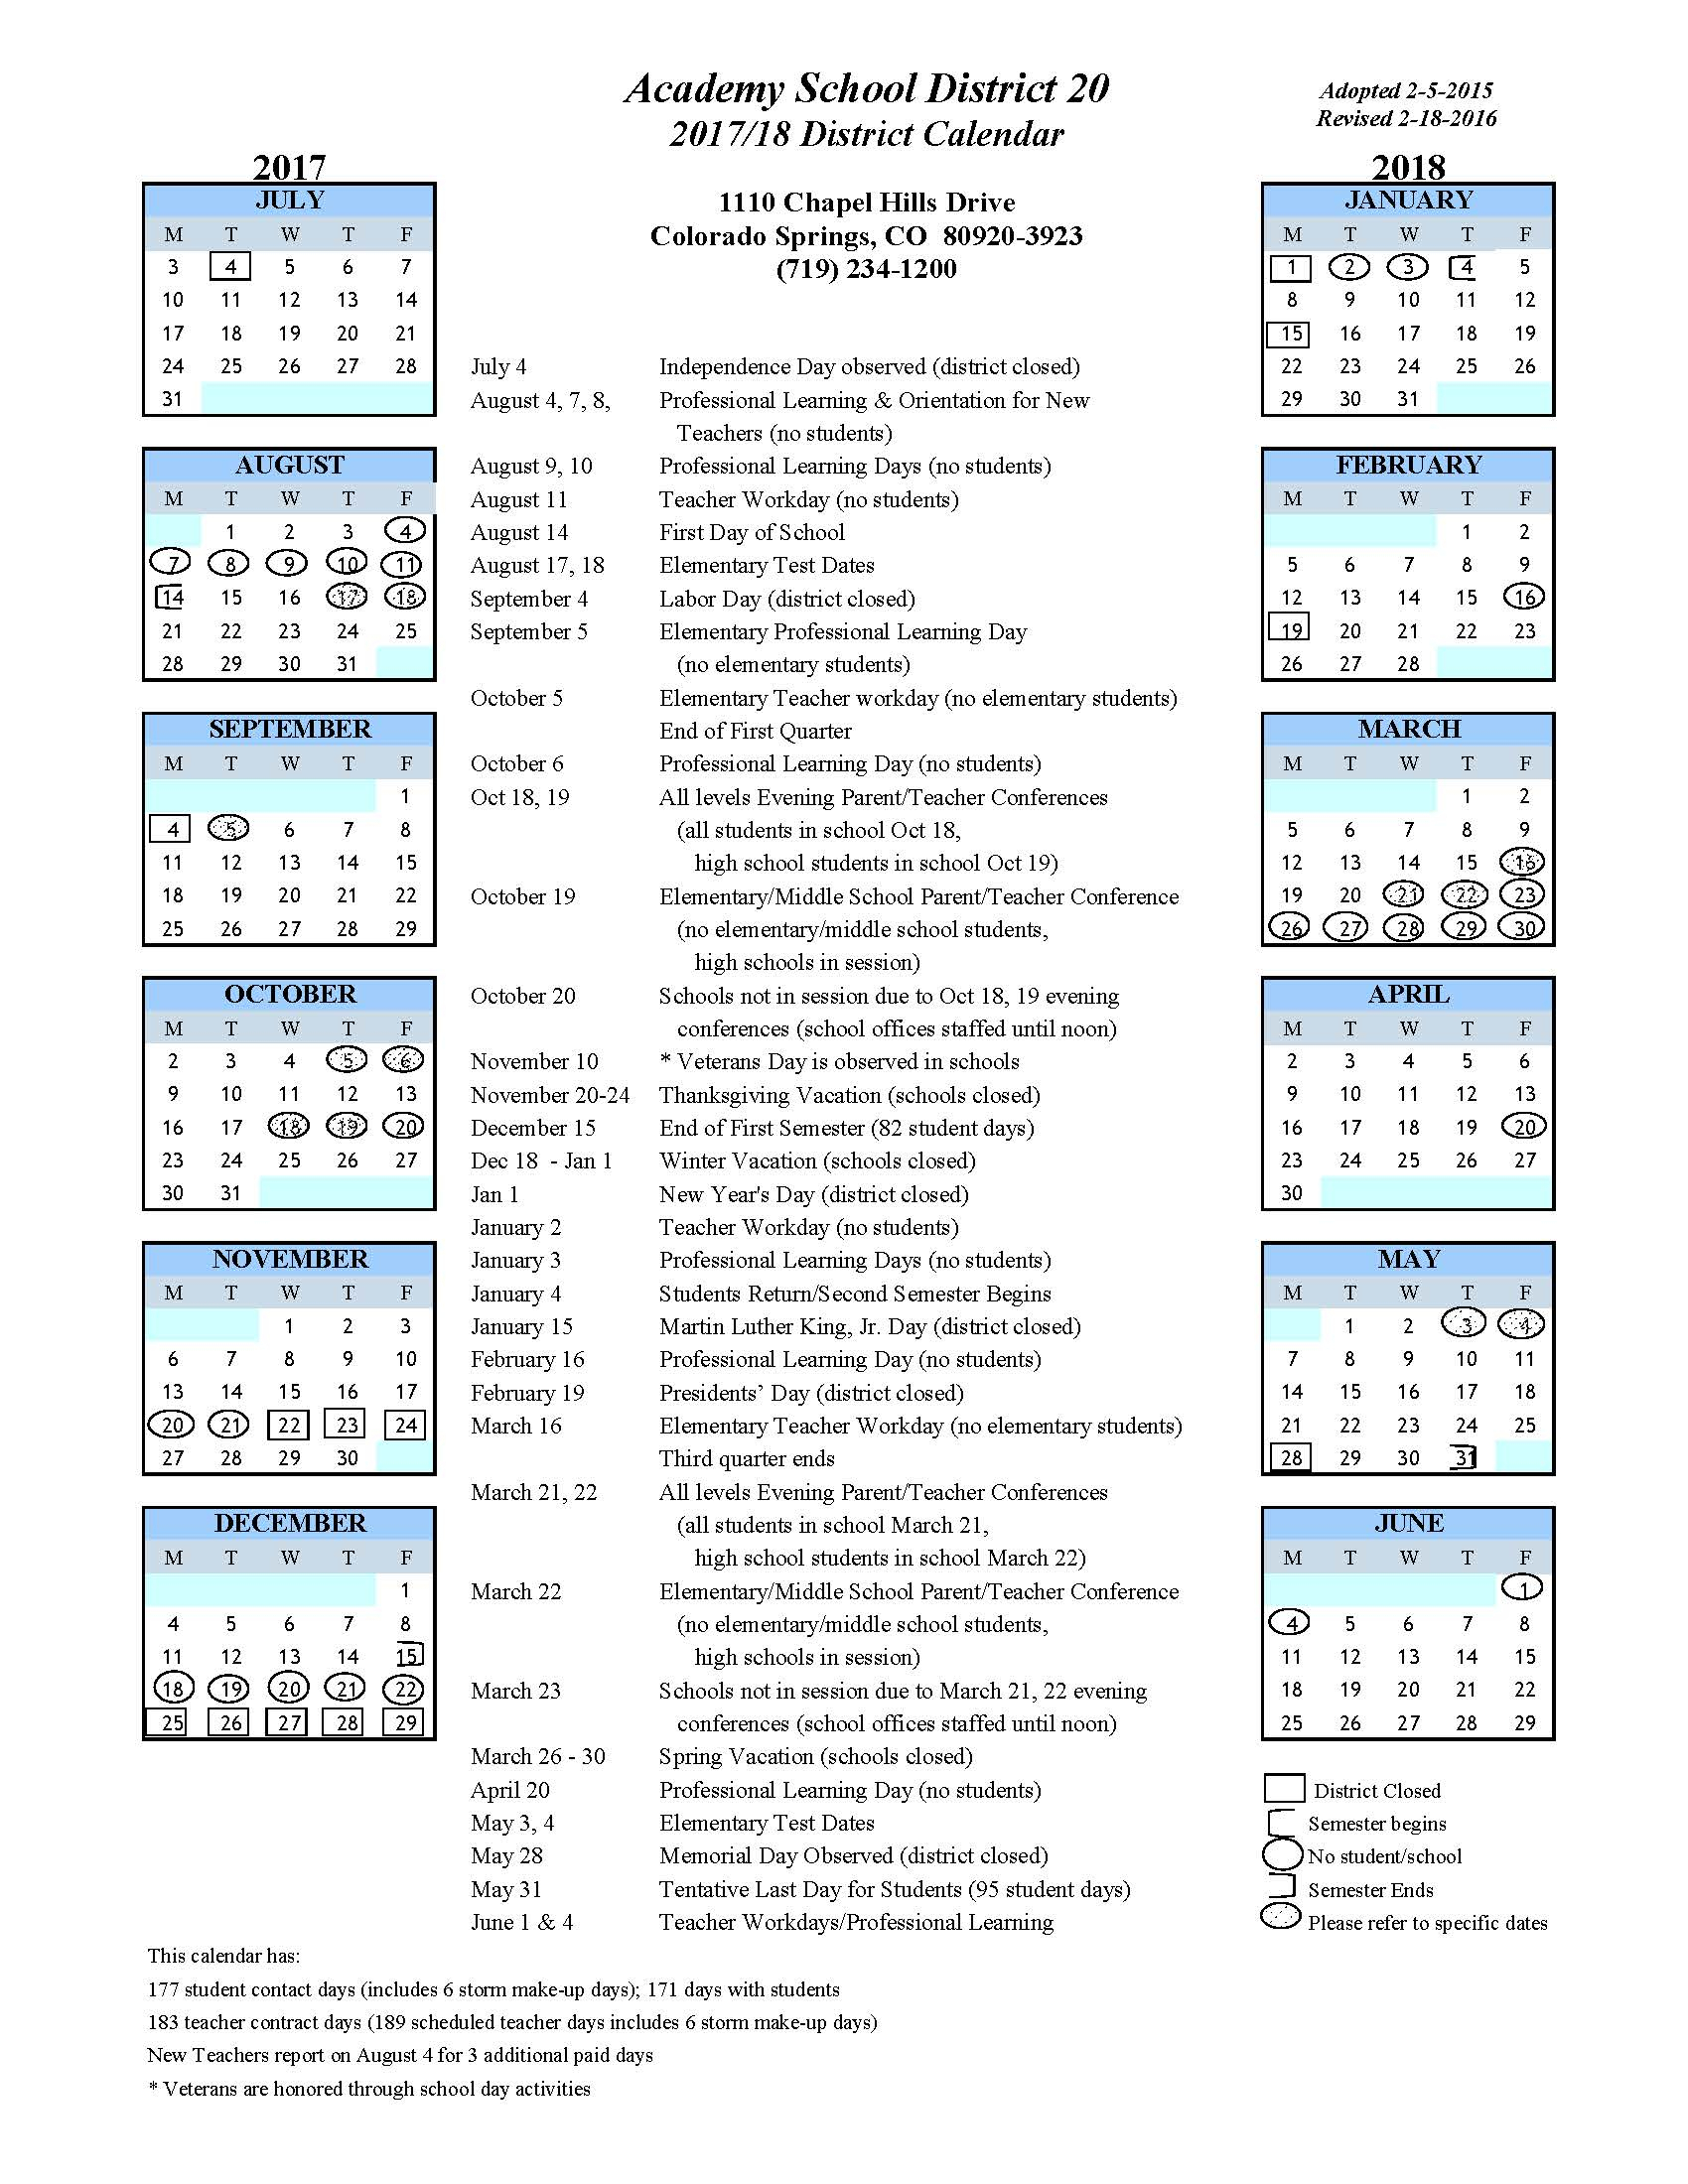 Spring Valley Ny Hs Calendar | Printable Calendar 2020 2021 Regarding Orlando Convention Center 2021 Calendar